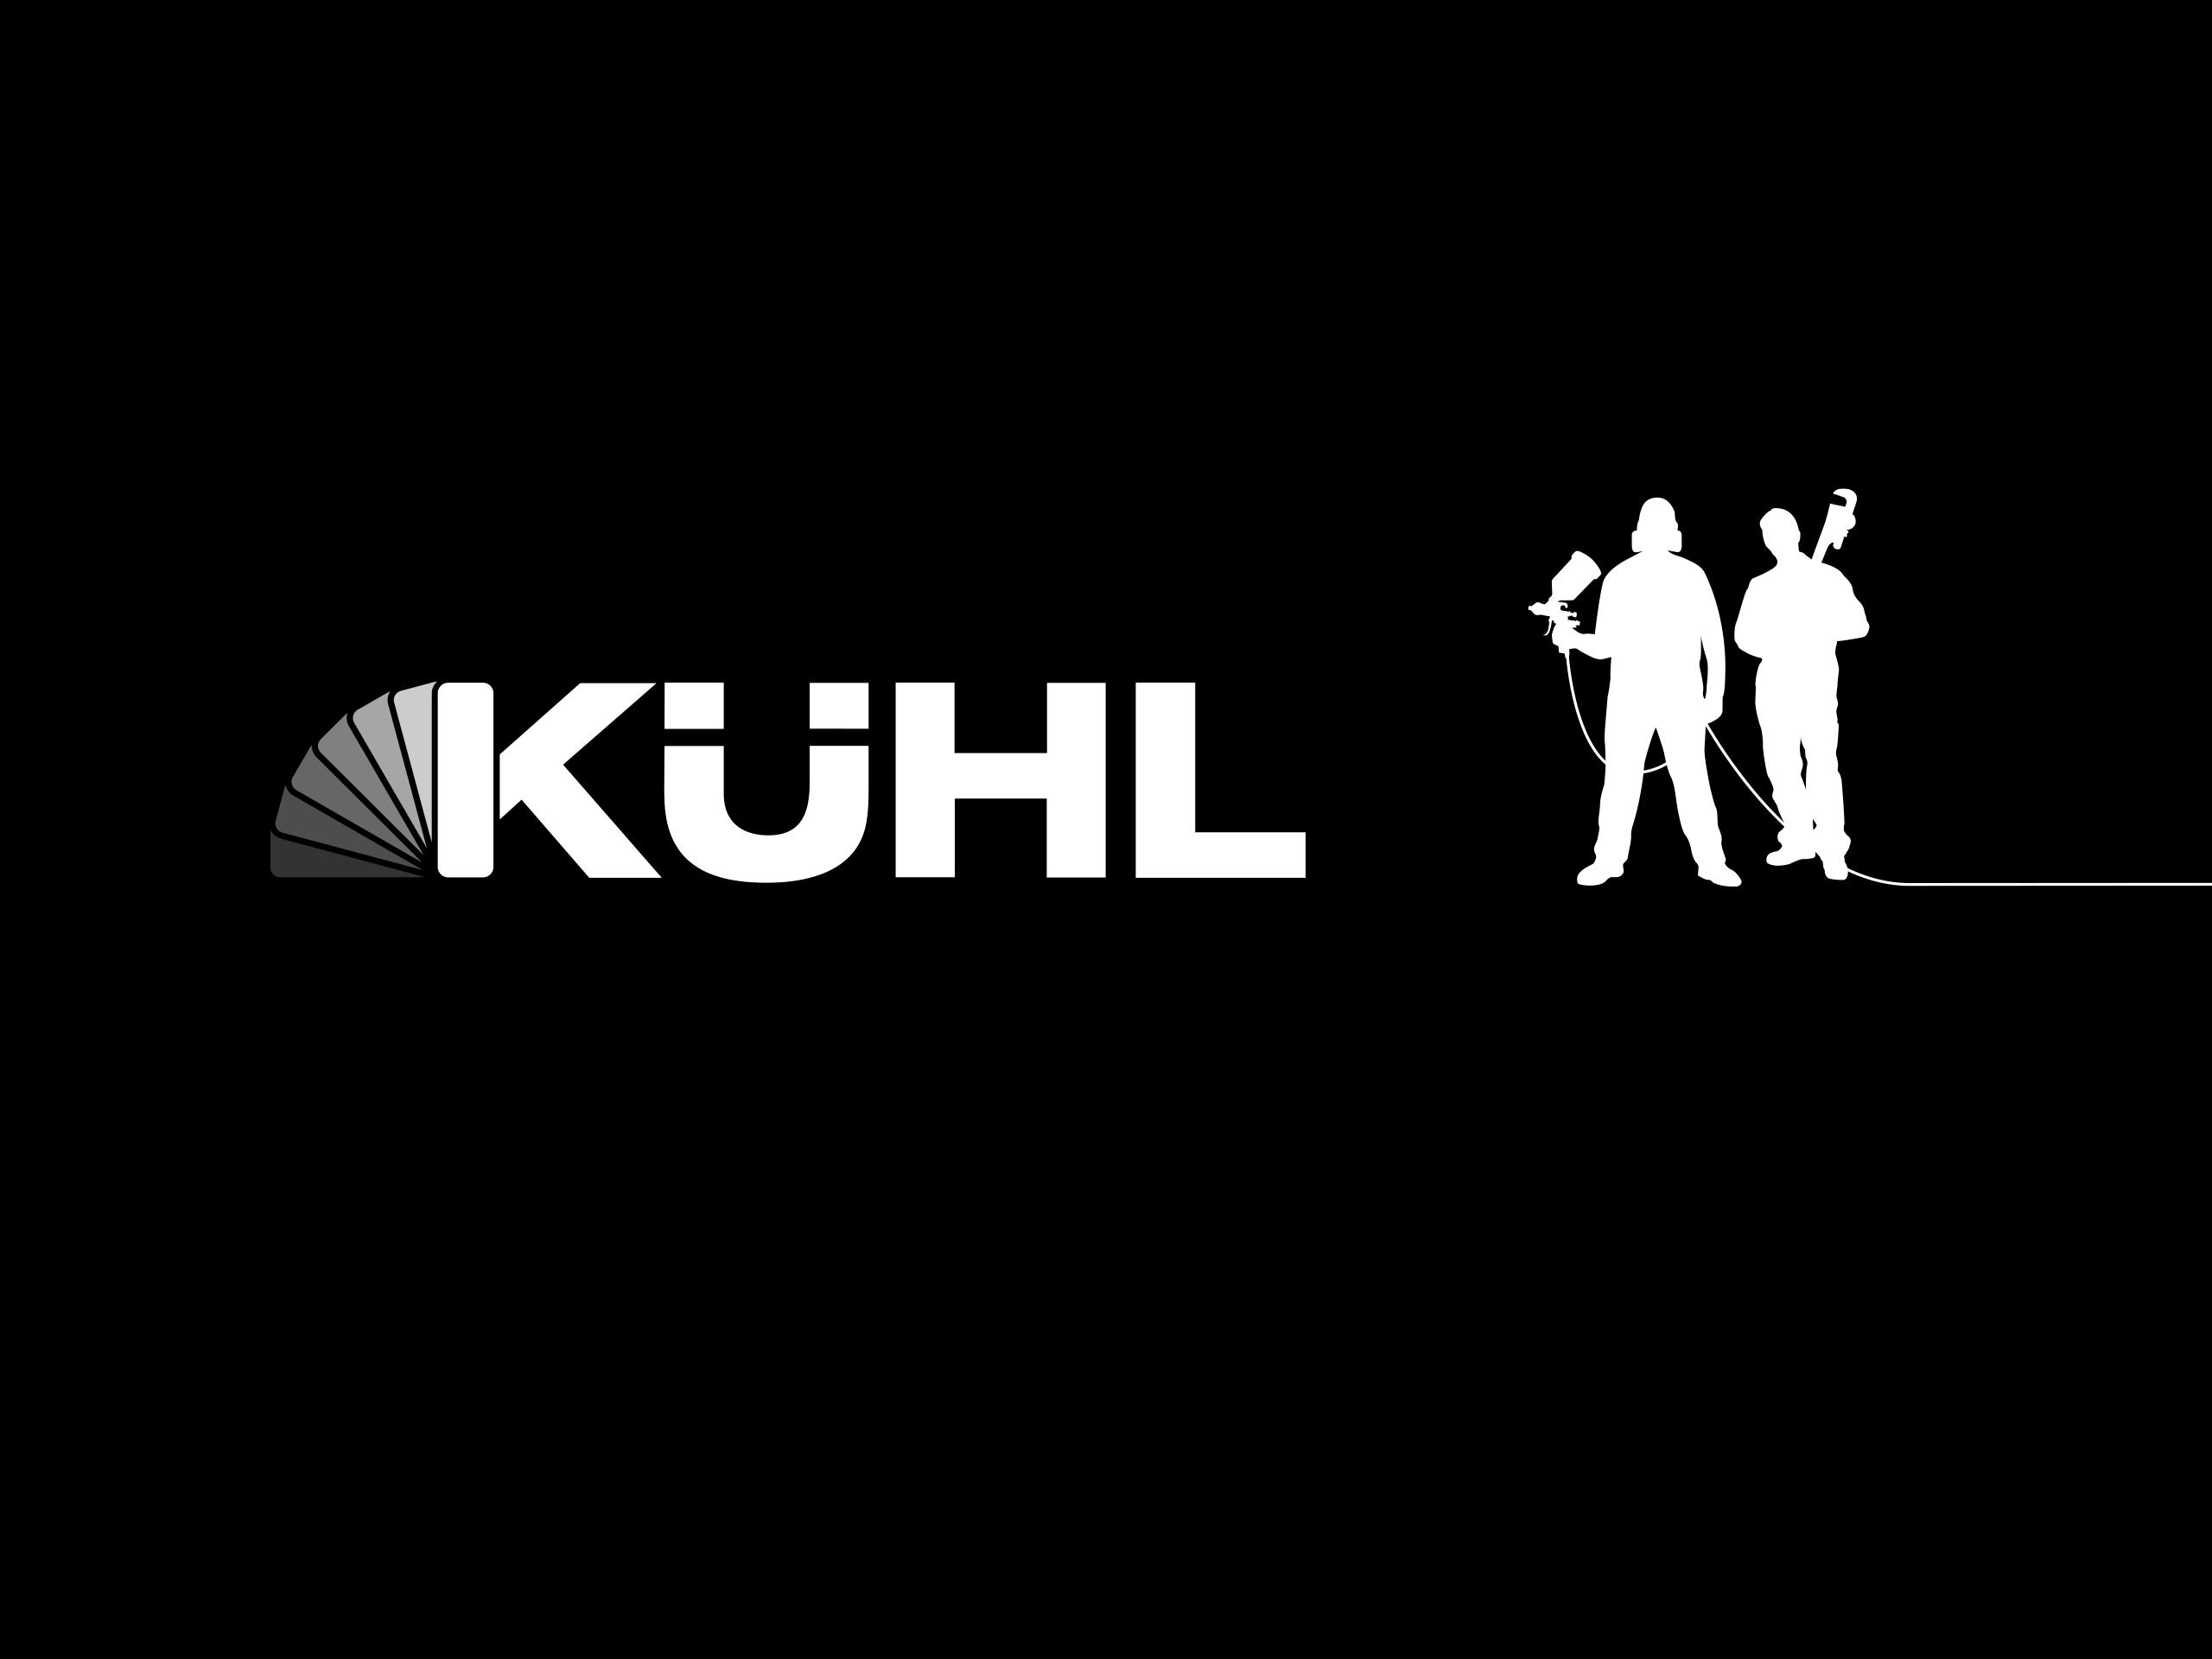 kühl-logo